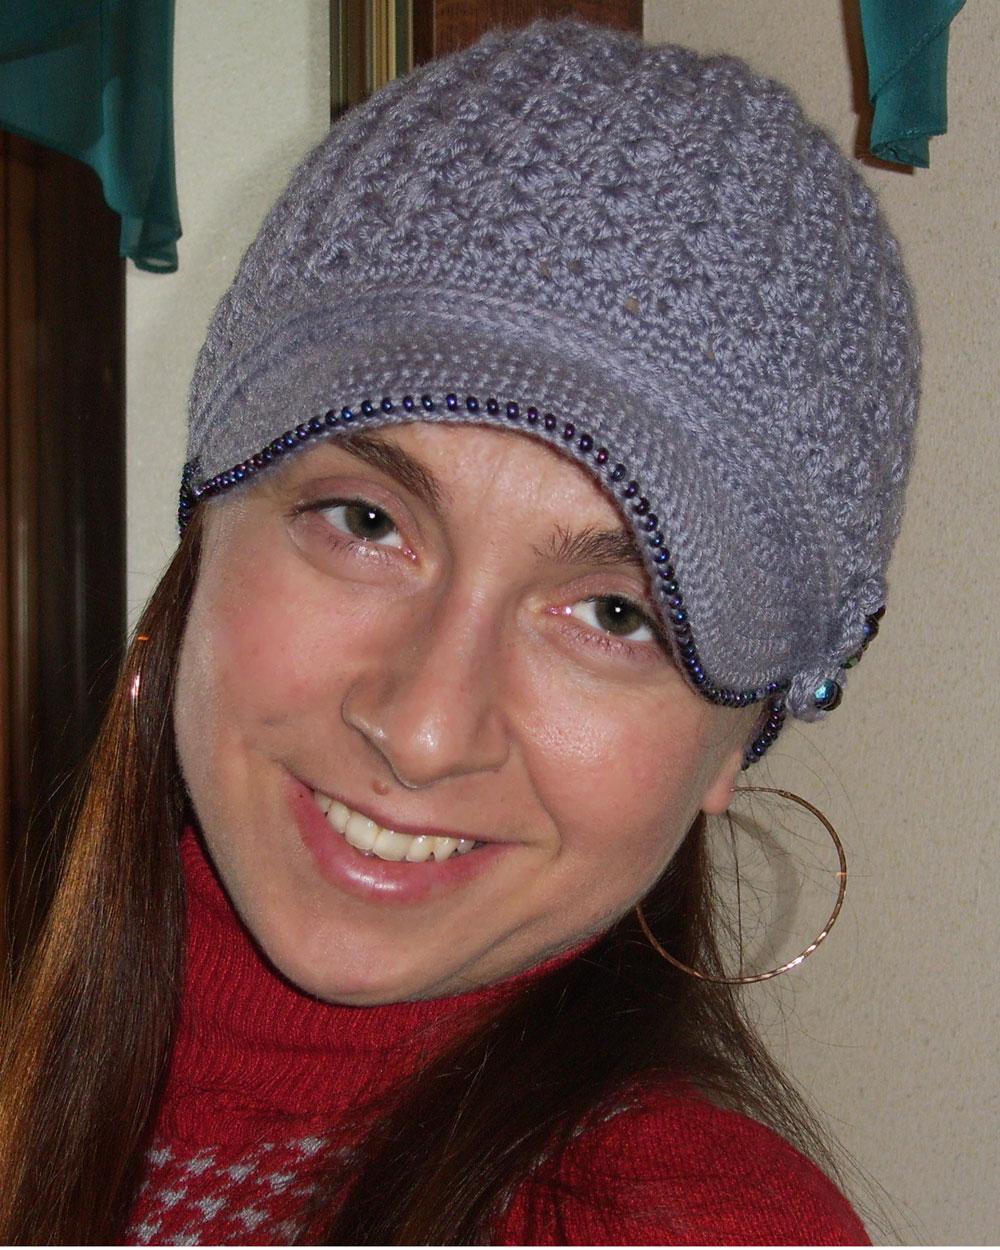 Кепка. Шапки, шляпки, панамки и др.  вязаные головные уборы